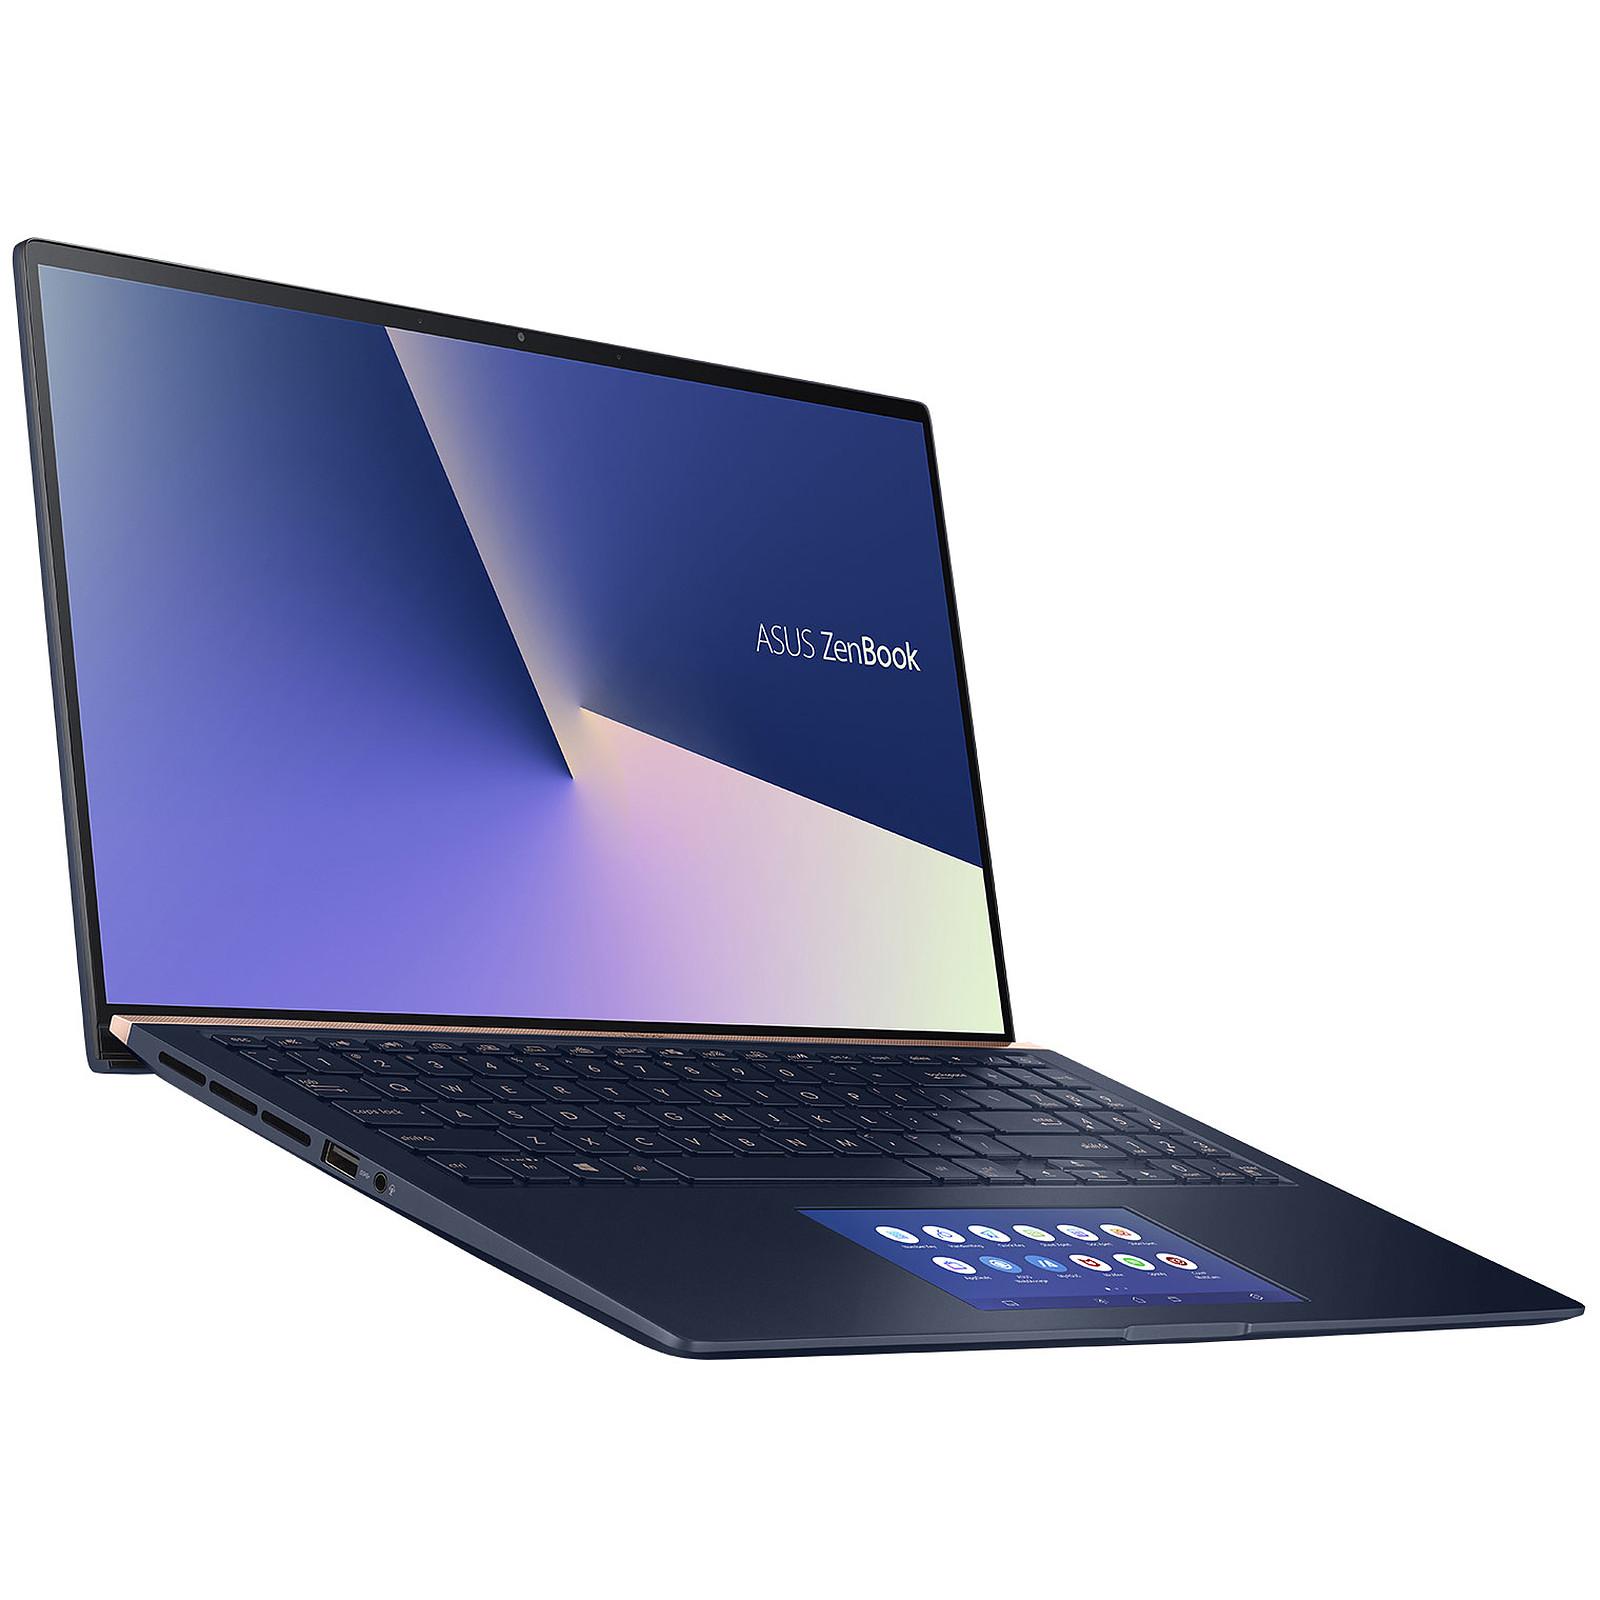 ASUS Zenbook 15 UX534FT-A9175T avec ScreenPad